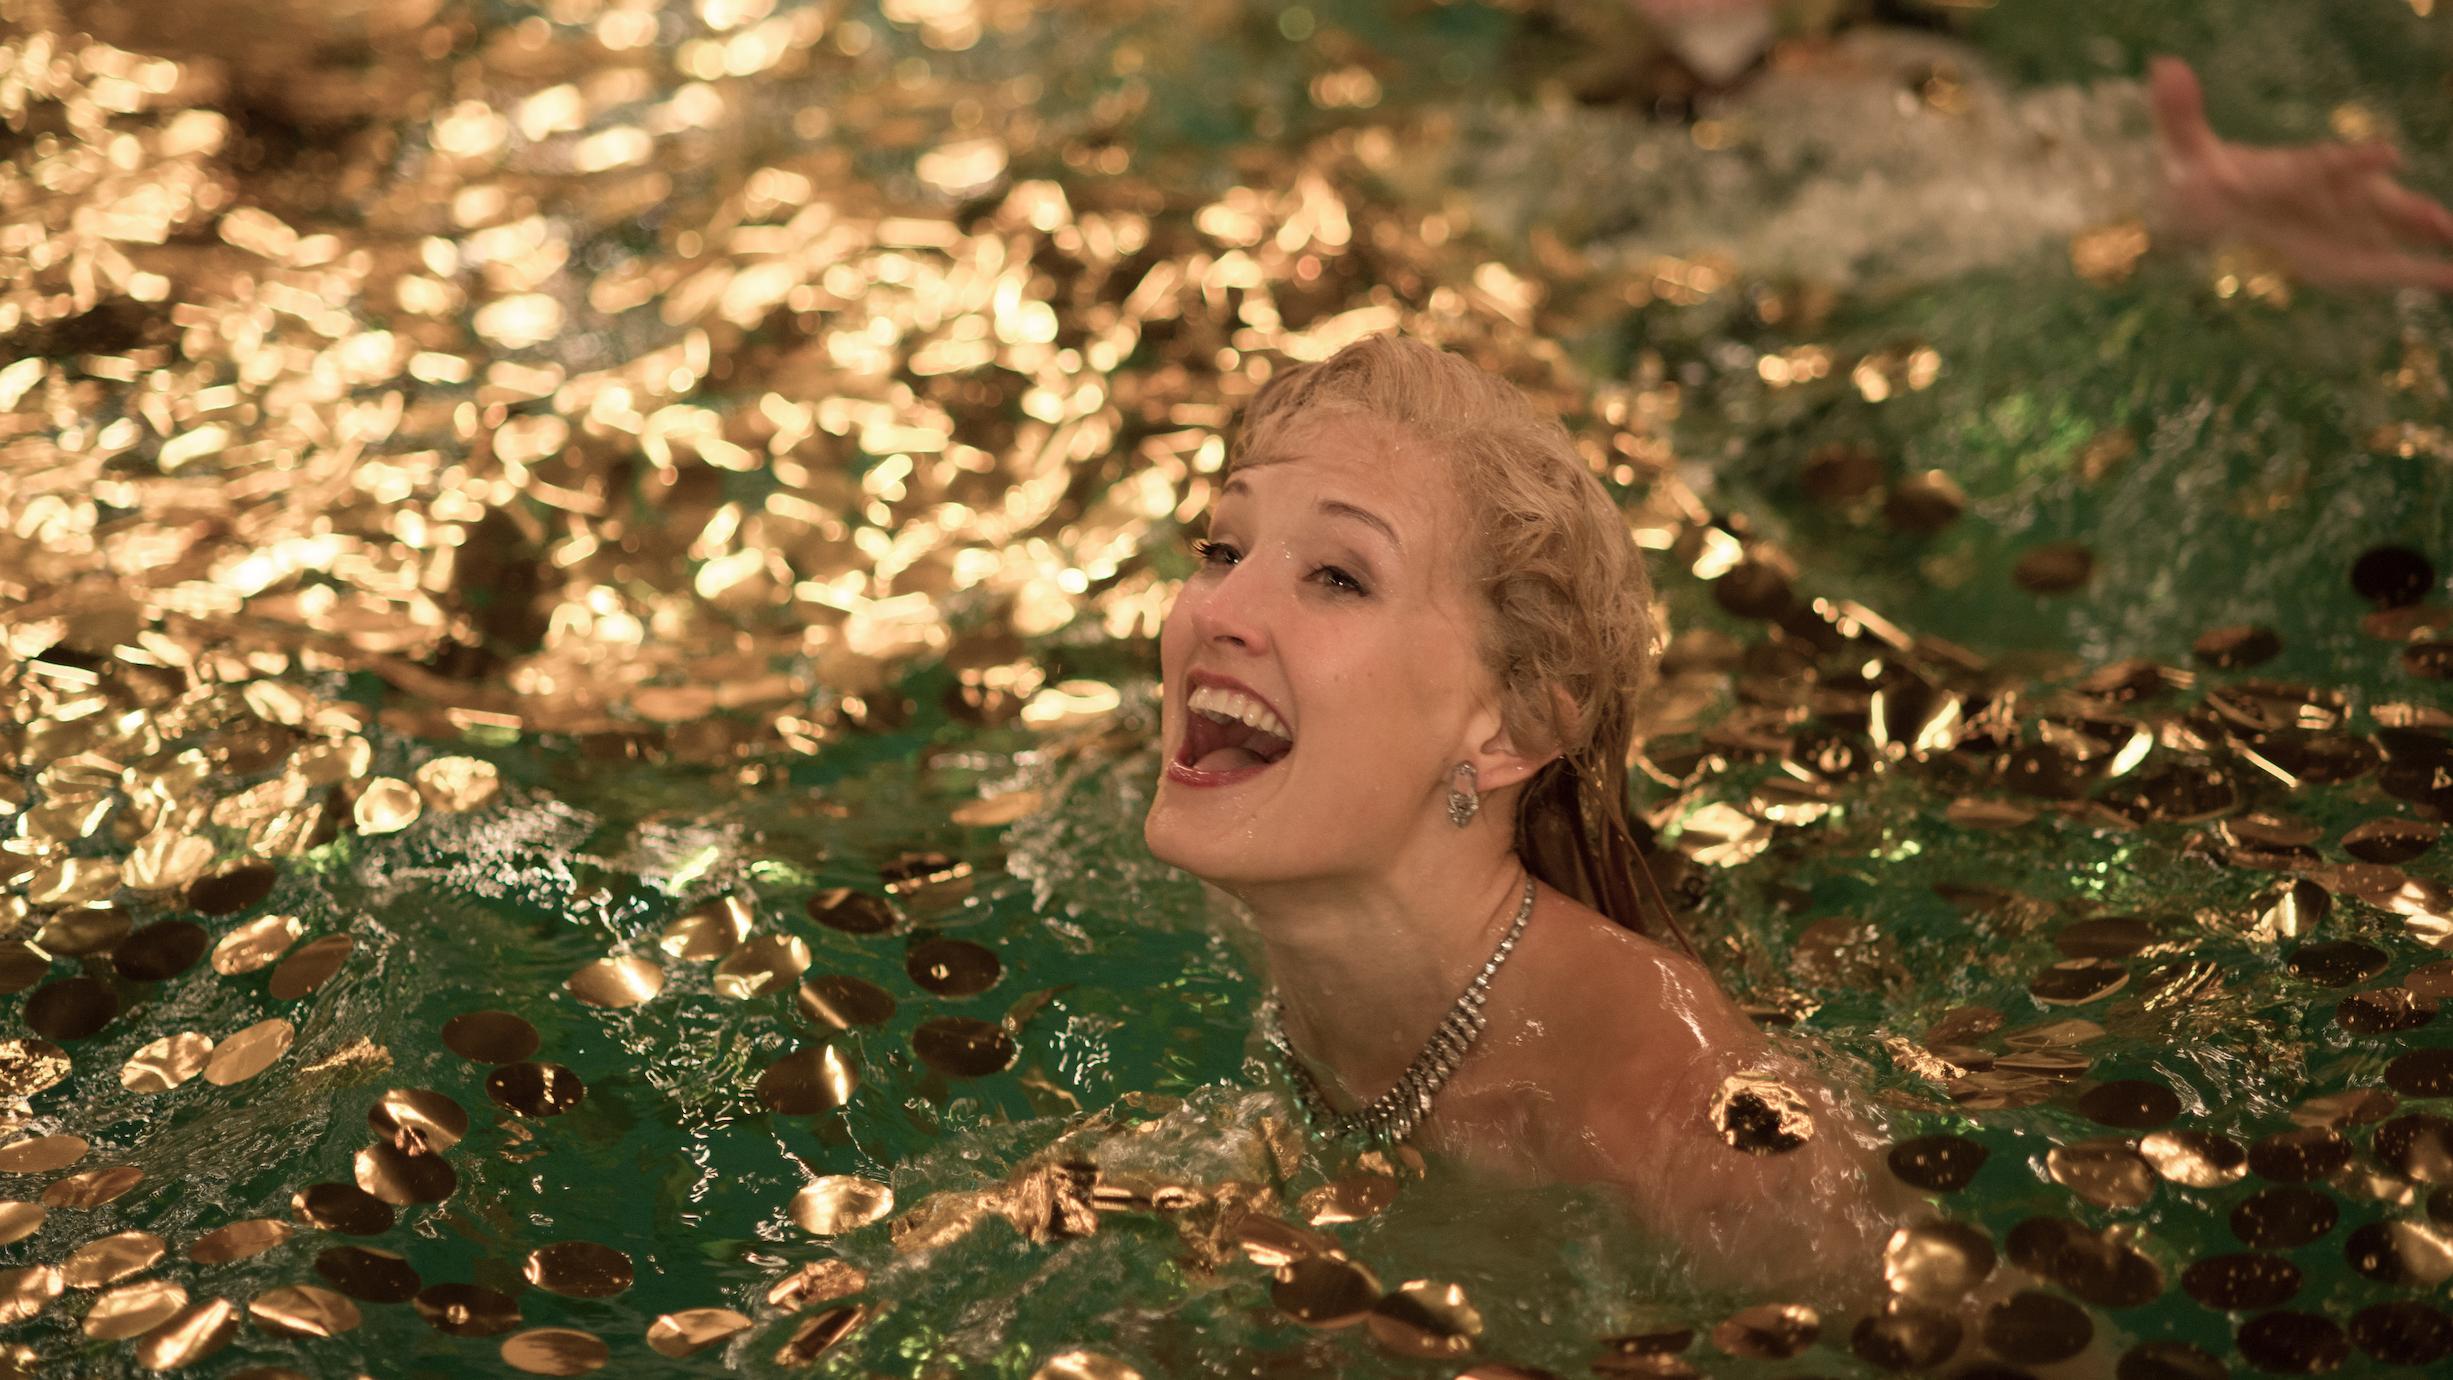 Sonja Henie (Ine Marie Wilmann) opplevde at pengene flommet inn og brukte dem gjerne til utagerende festing ved og i bassenget. (Foto: Jose Haro)